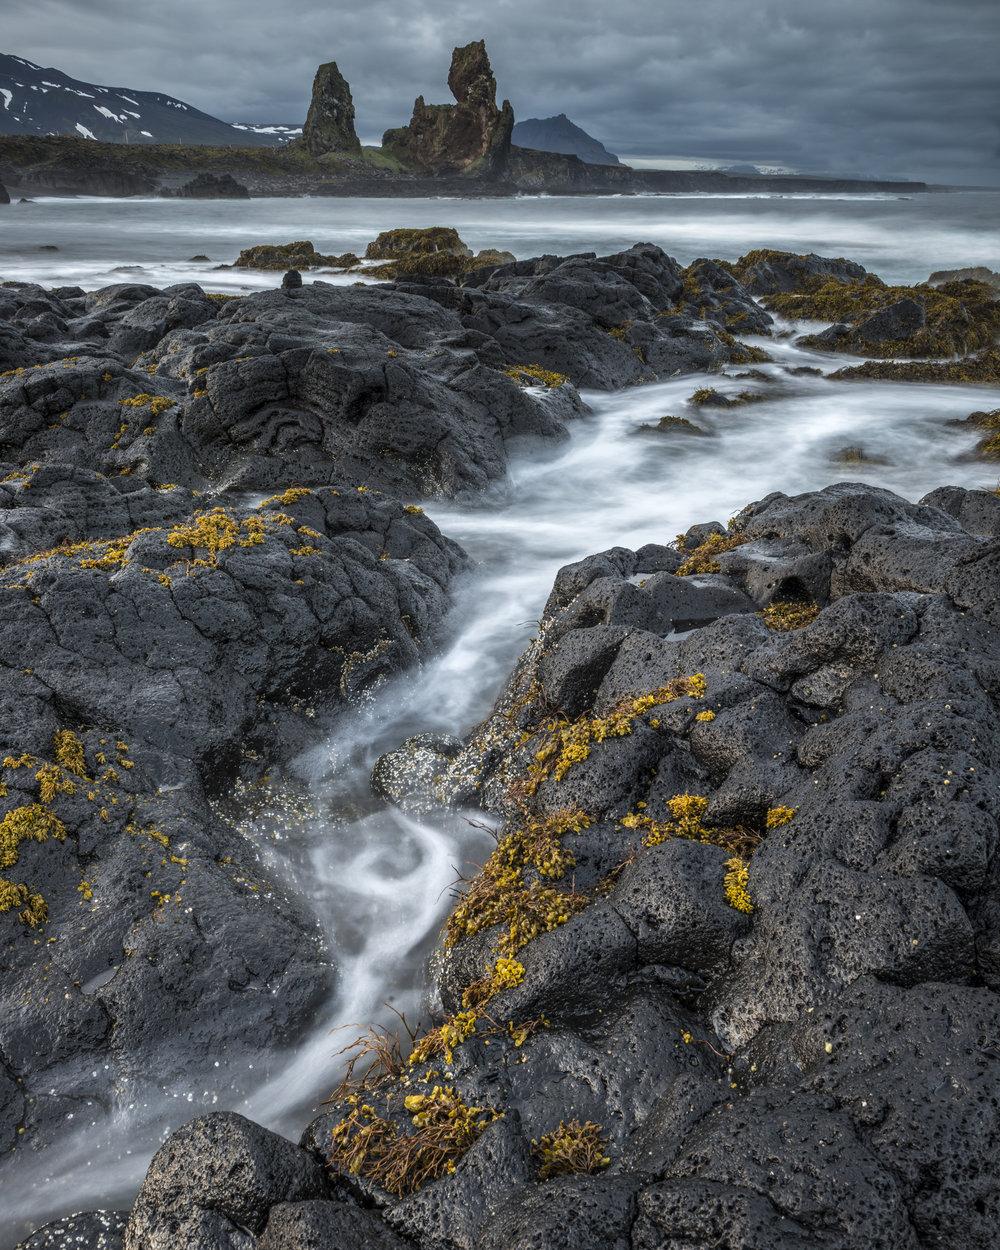 Lóndrangar/Malarrif - Snæfellsnes peninsula